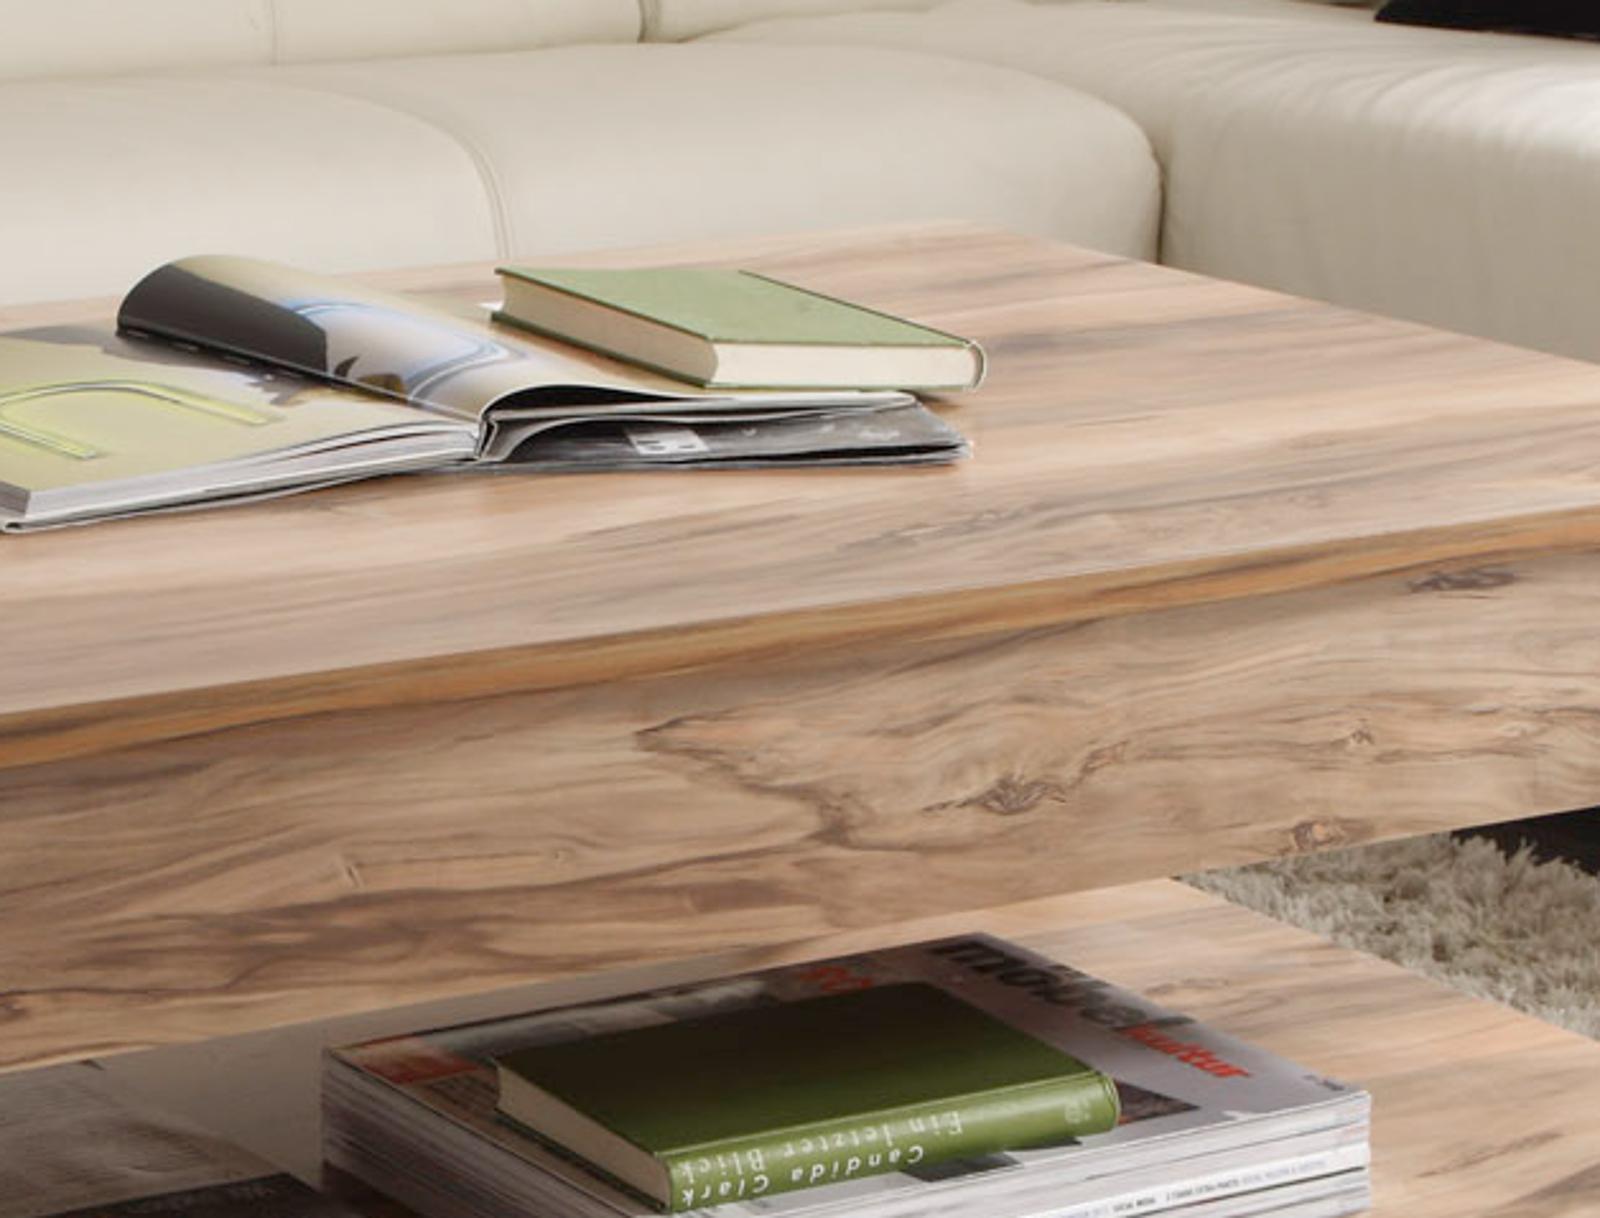 couchtisch beistelltisch nussbaum satin wohnzimmer holz tisch, Gestaltungsideen